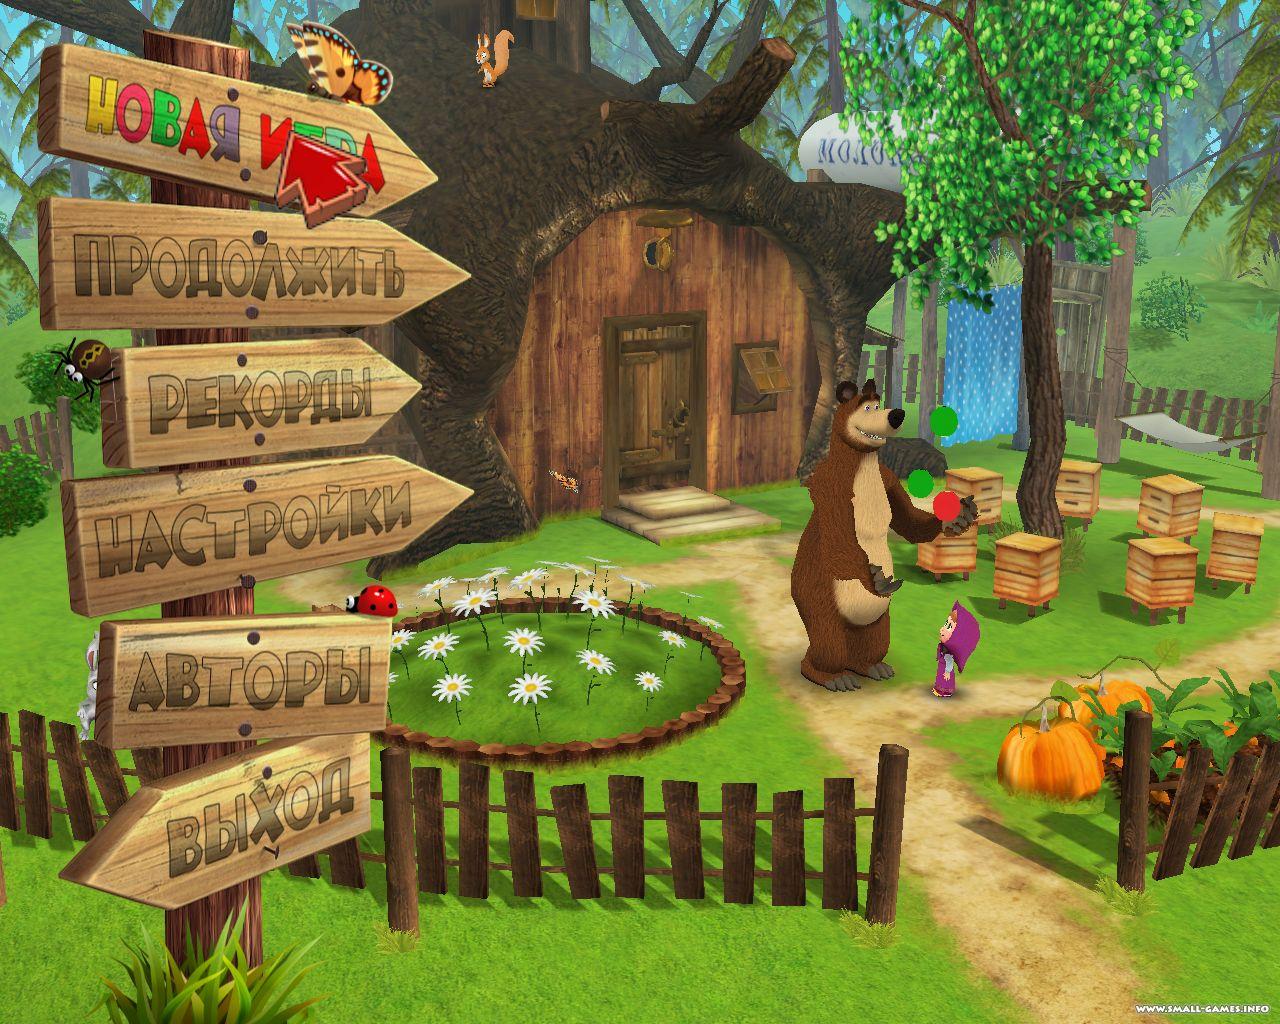 игры маша и медведь догонялки 1 часть играть бесплатно скачать